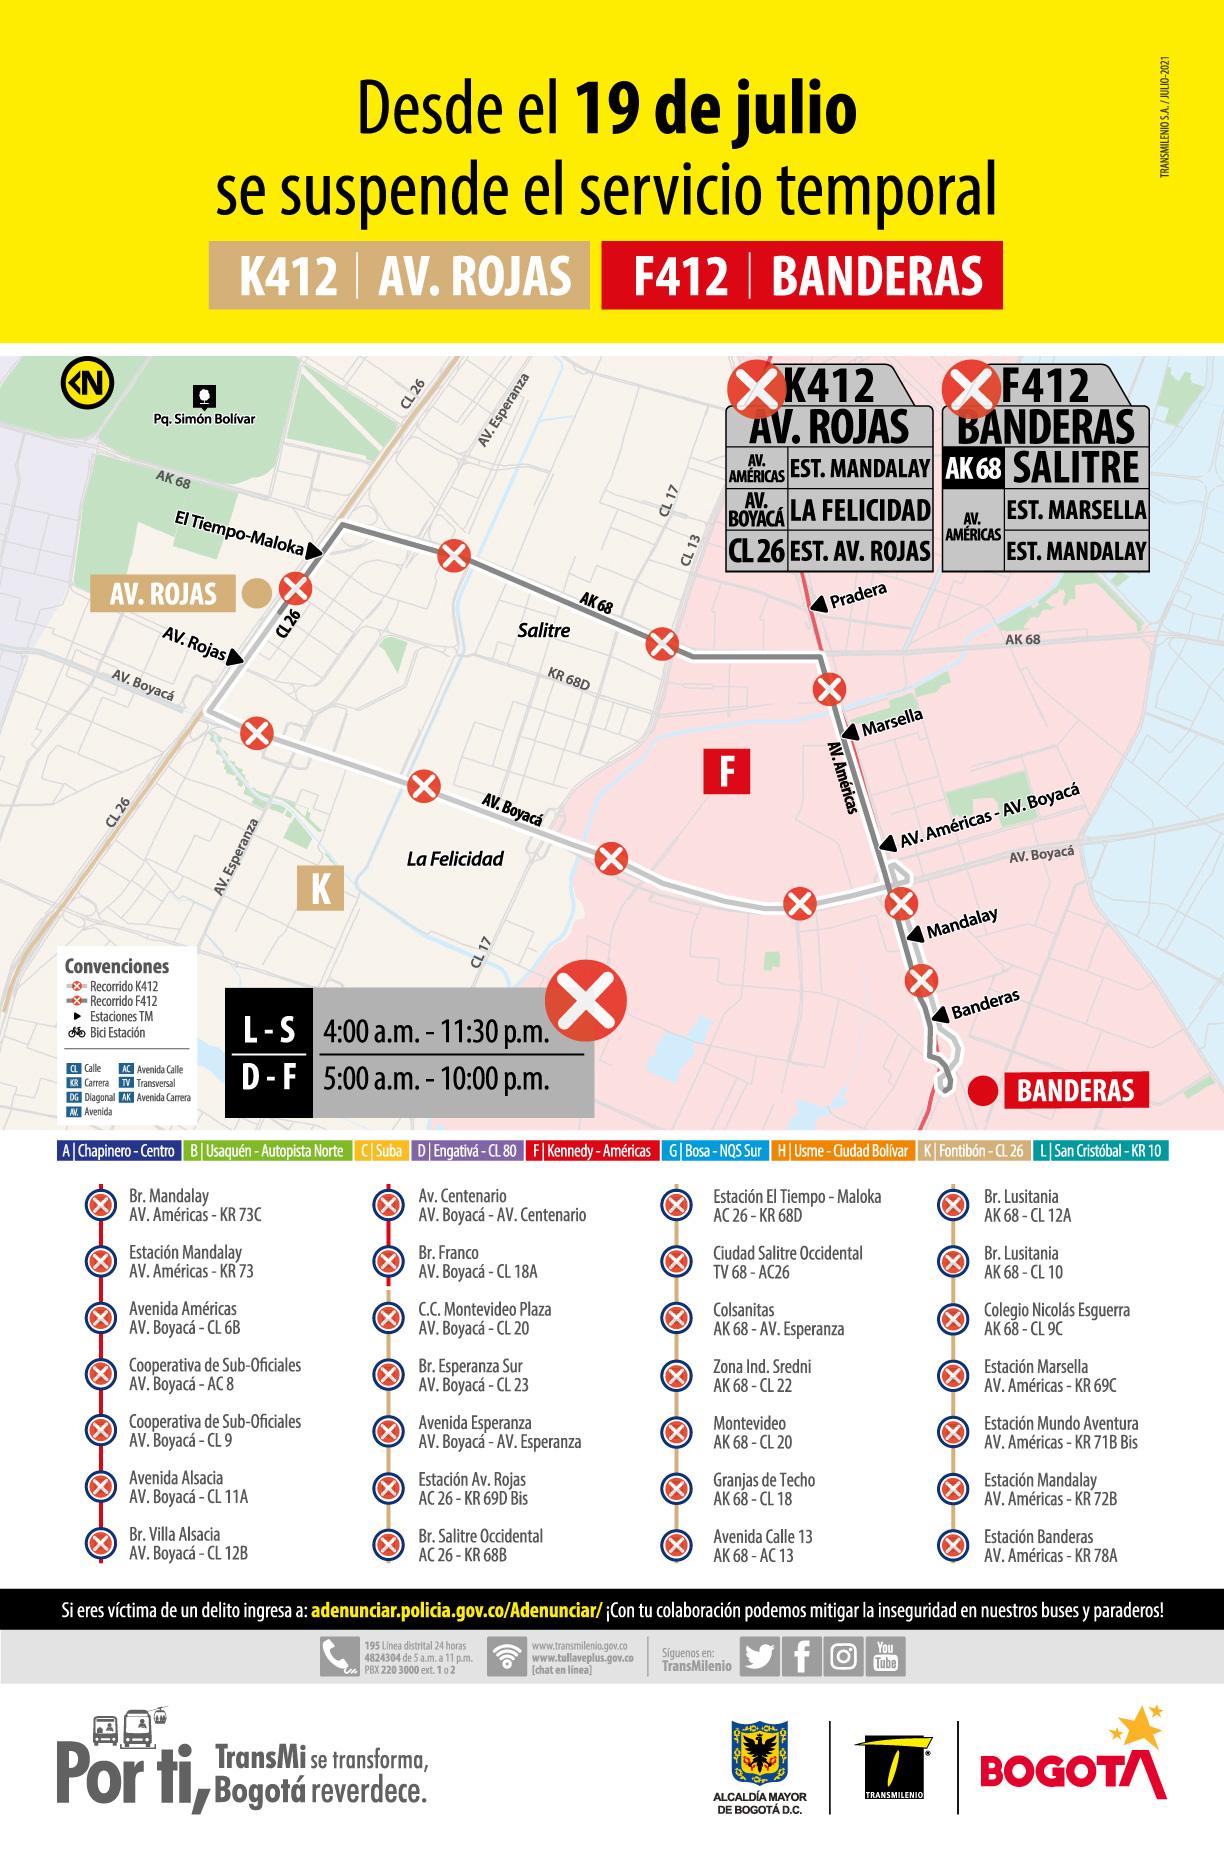 Servicio temporal K412 Avenida Rojas - F412 Banderas tiene cambios en su operación